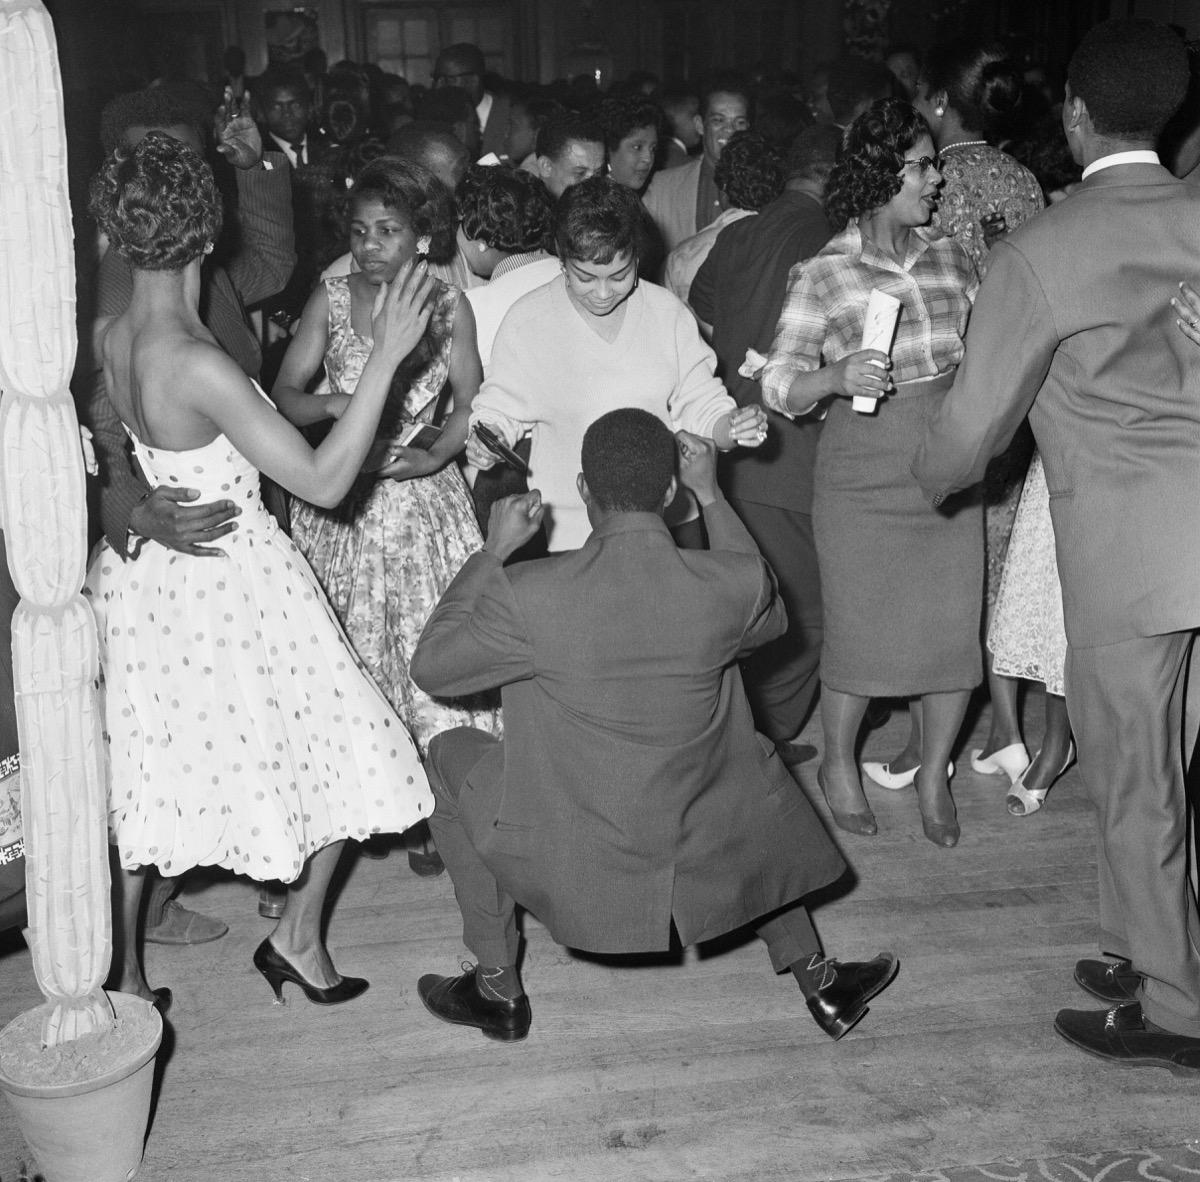 men and women dancing cool grandparent photos